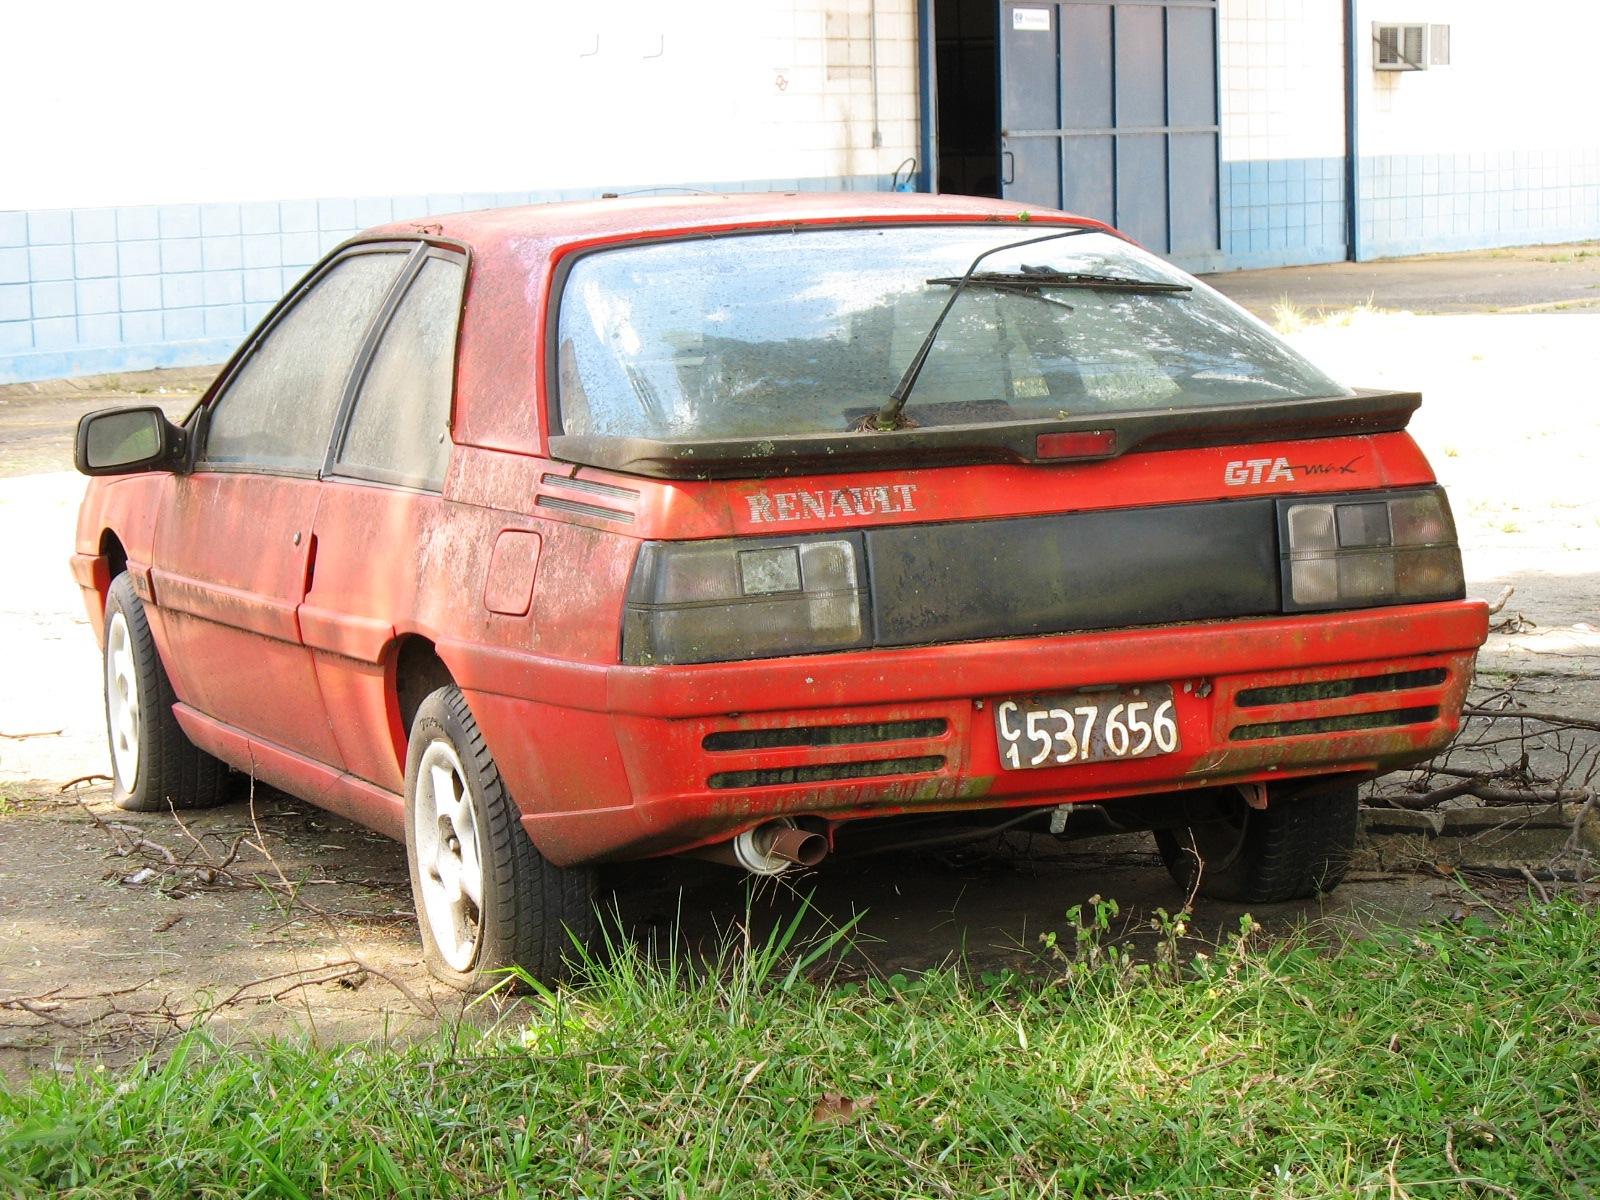 Renault Fuego Carros Orfaos